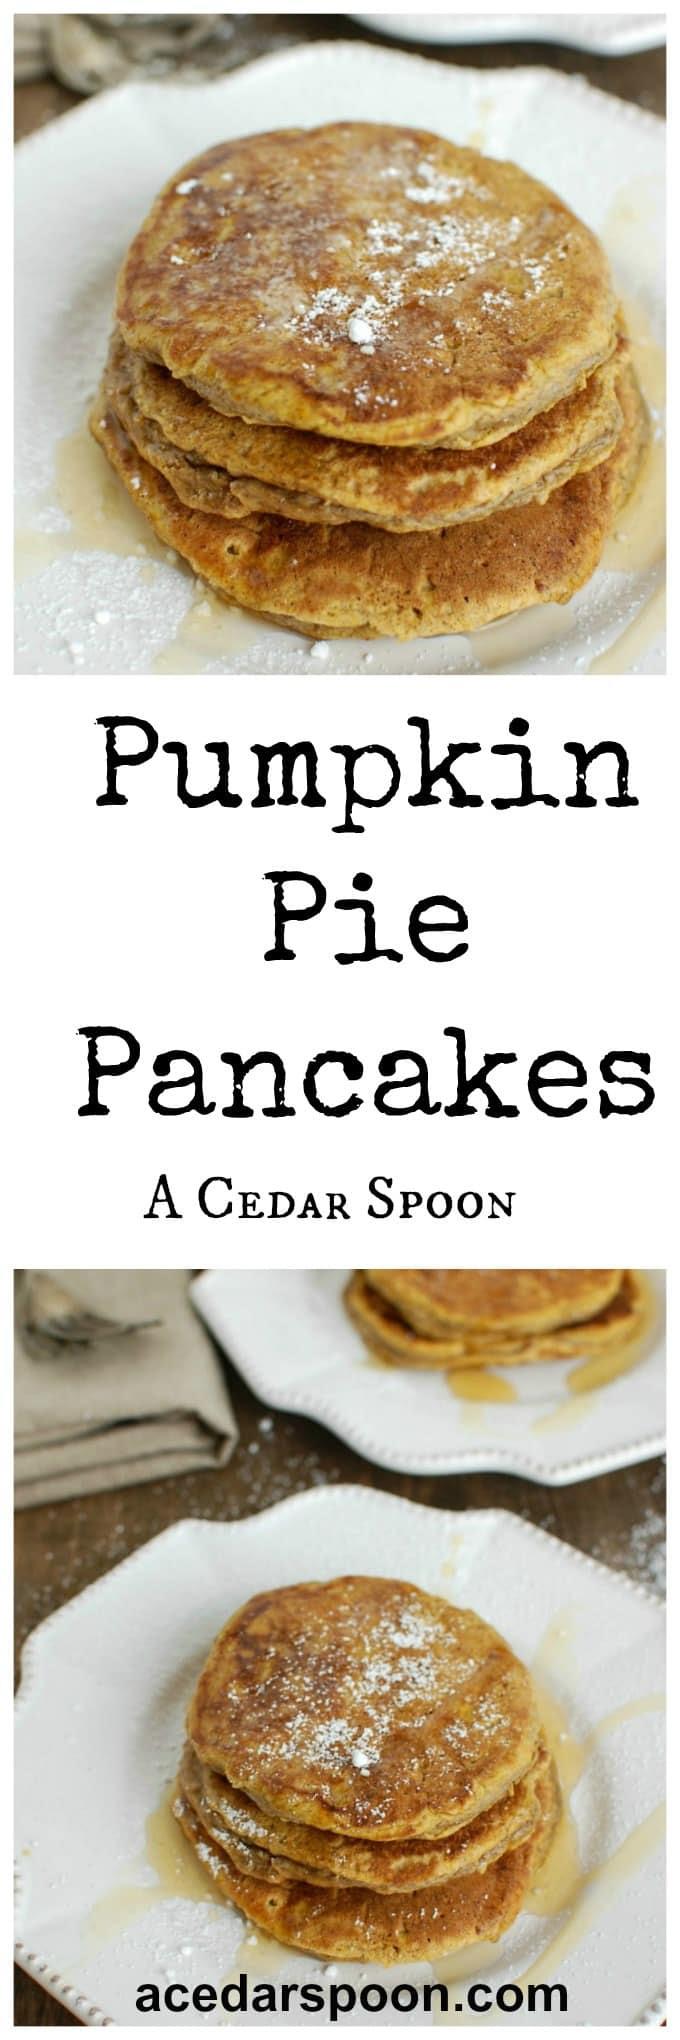 Pumpkin Pie Pancakes  A Cedar Spoon